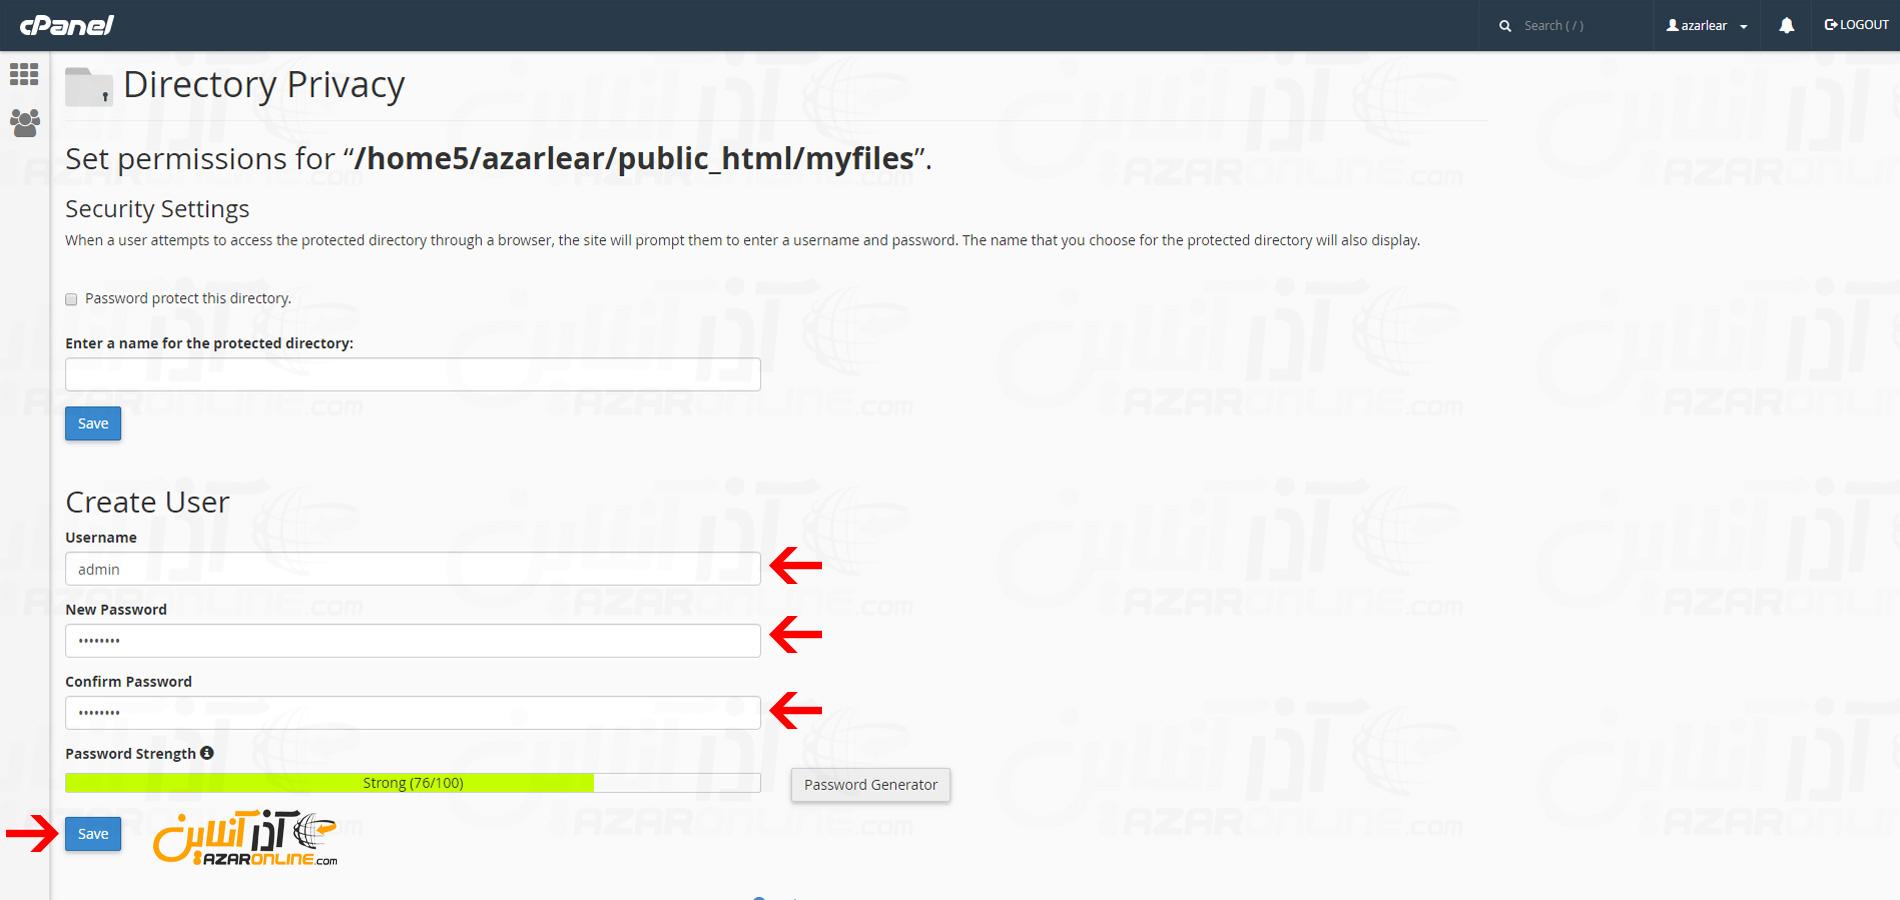 ساخت یوزر برای ورود به یک فولدر در آپشن password protect